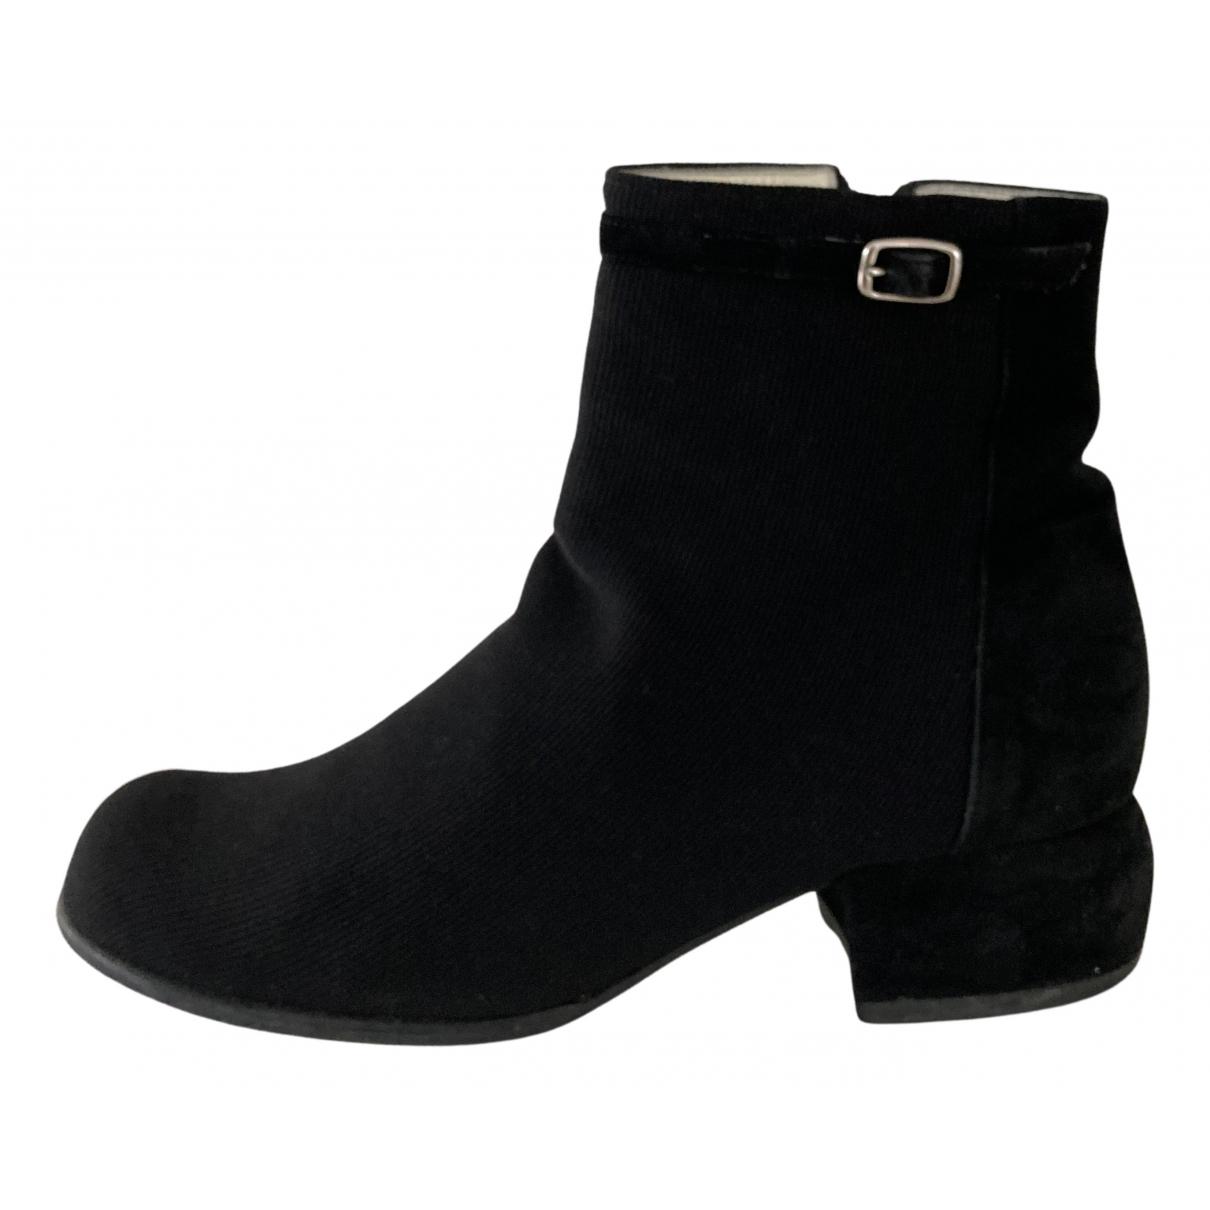 Charles Jourdan - Boots   pour femme en toile - noir